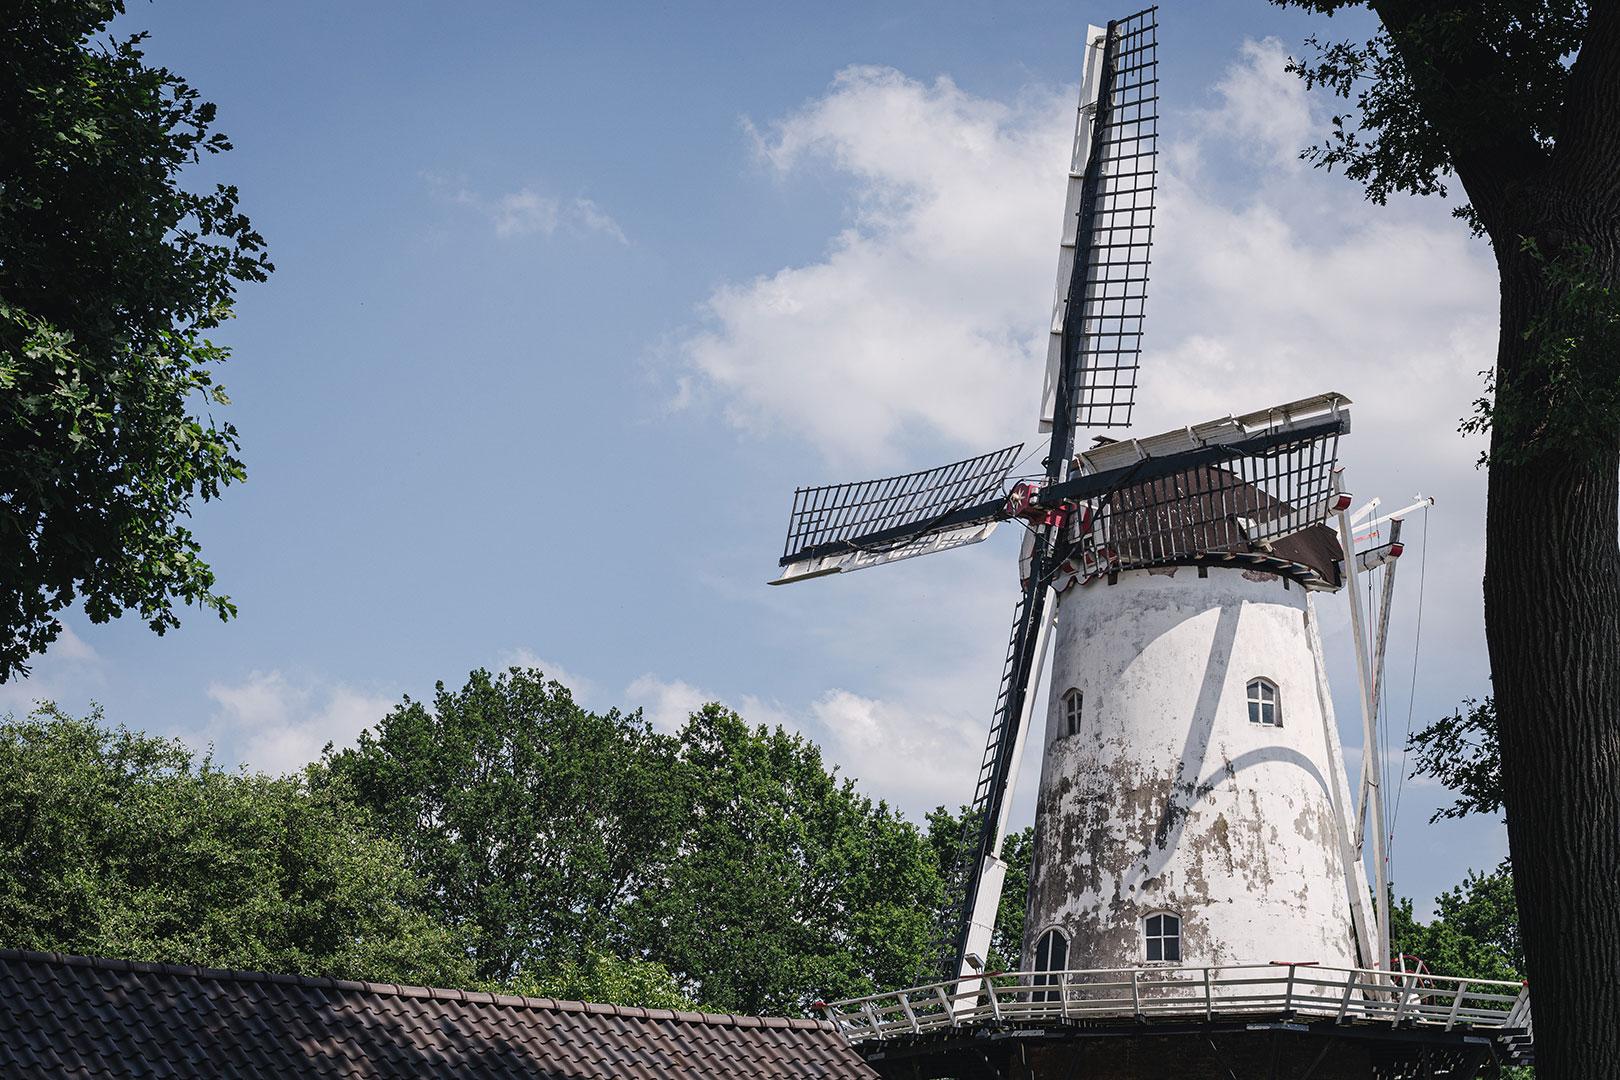 Mühle in Bellingwolde